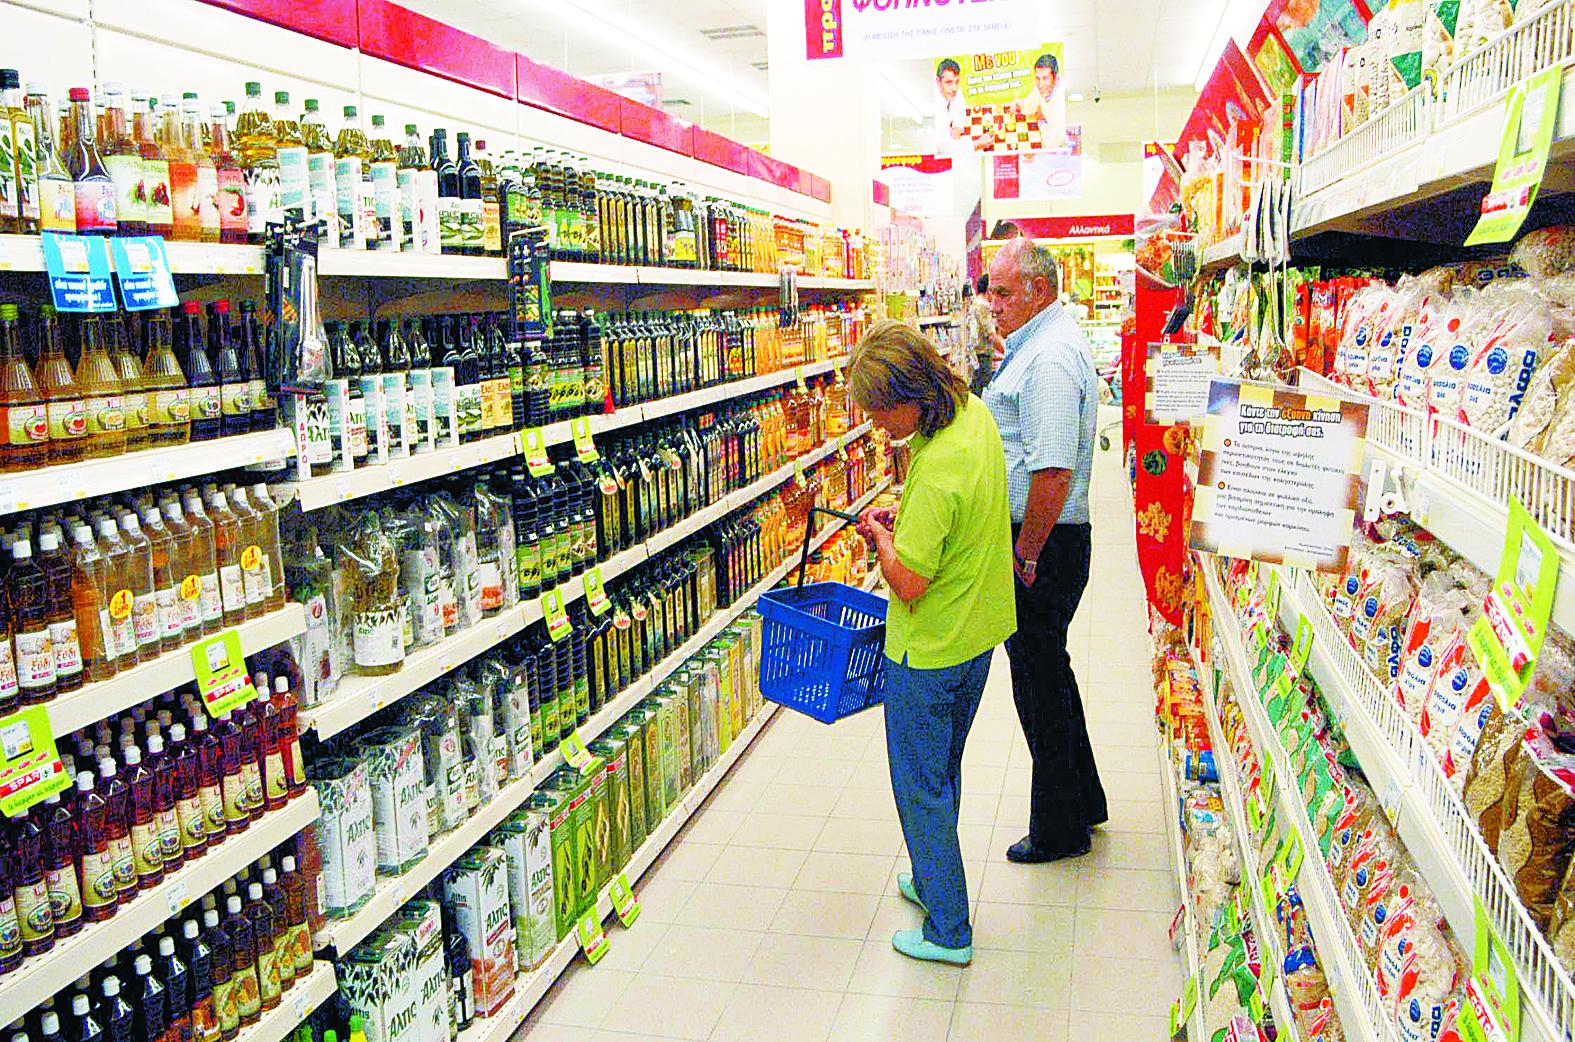 Στα ύψη οι τιμές παρά τις μειώσεις μισθών | tovima.gr